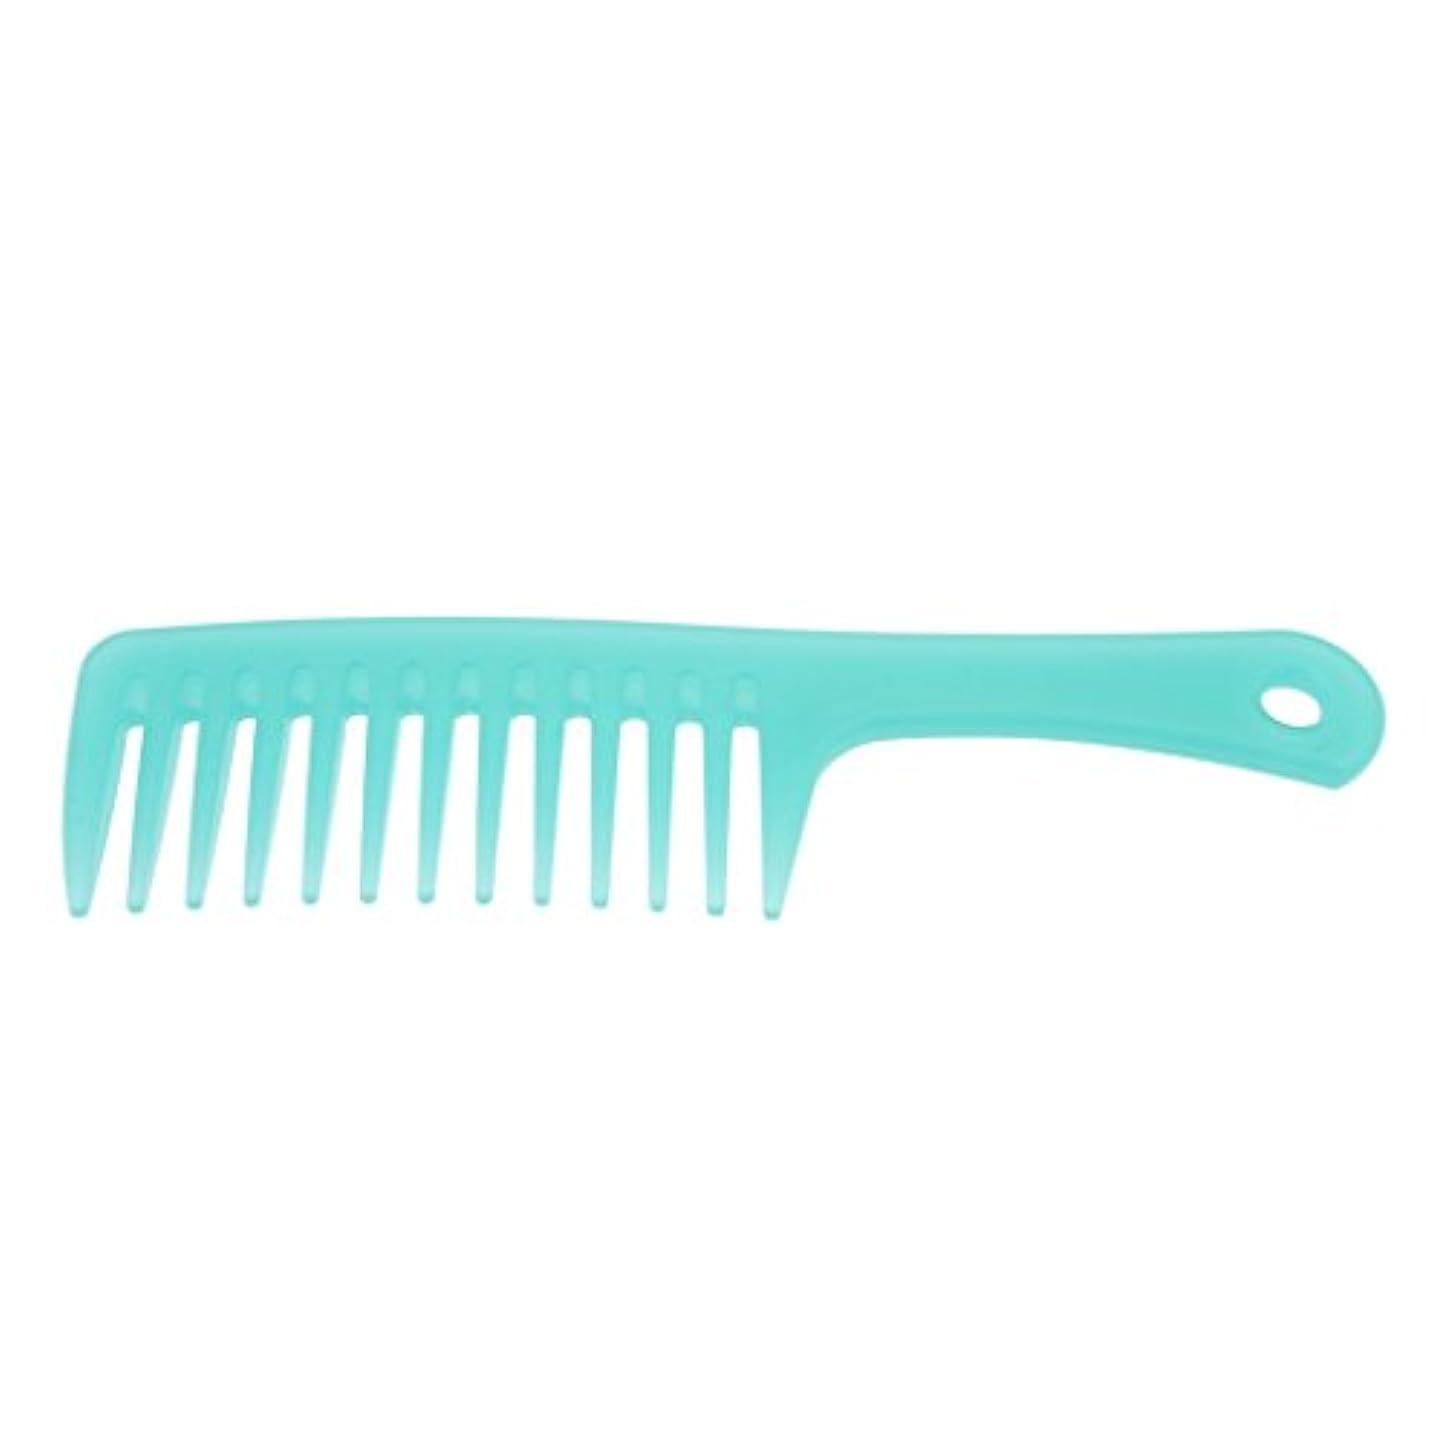 入植者症状生き物ヘアコーム ヘアブラシ くし ワイド歯 櫛 帯電防止 便利 3タイプ選べる - B